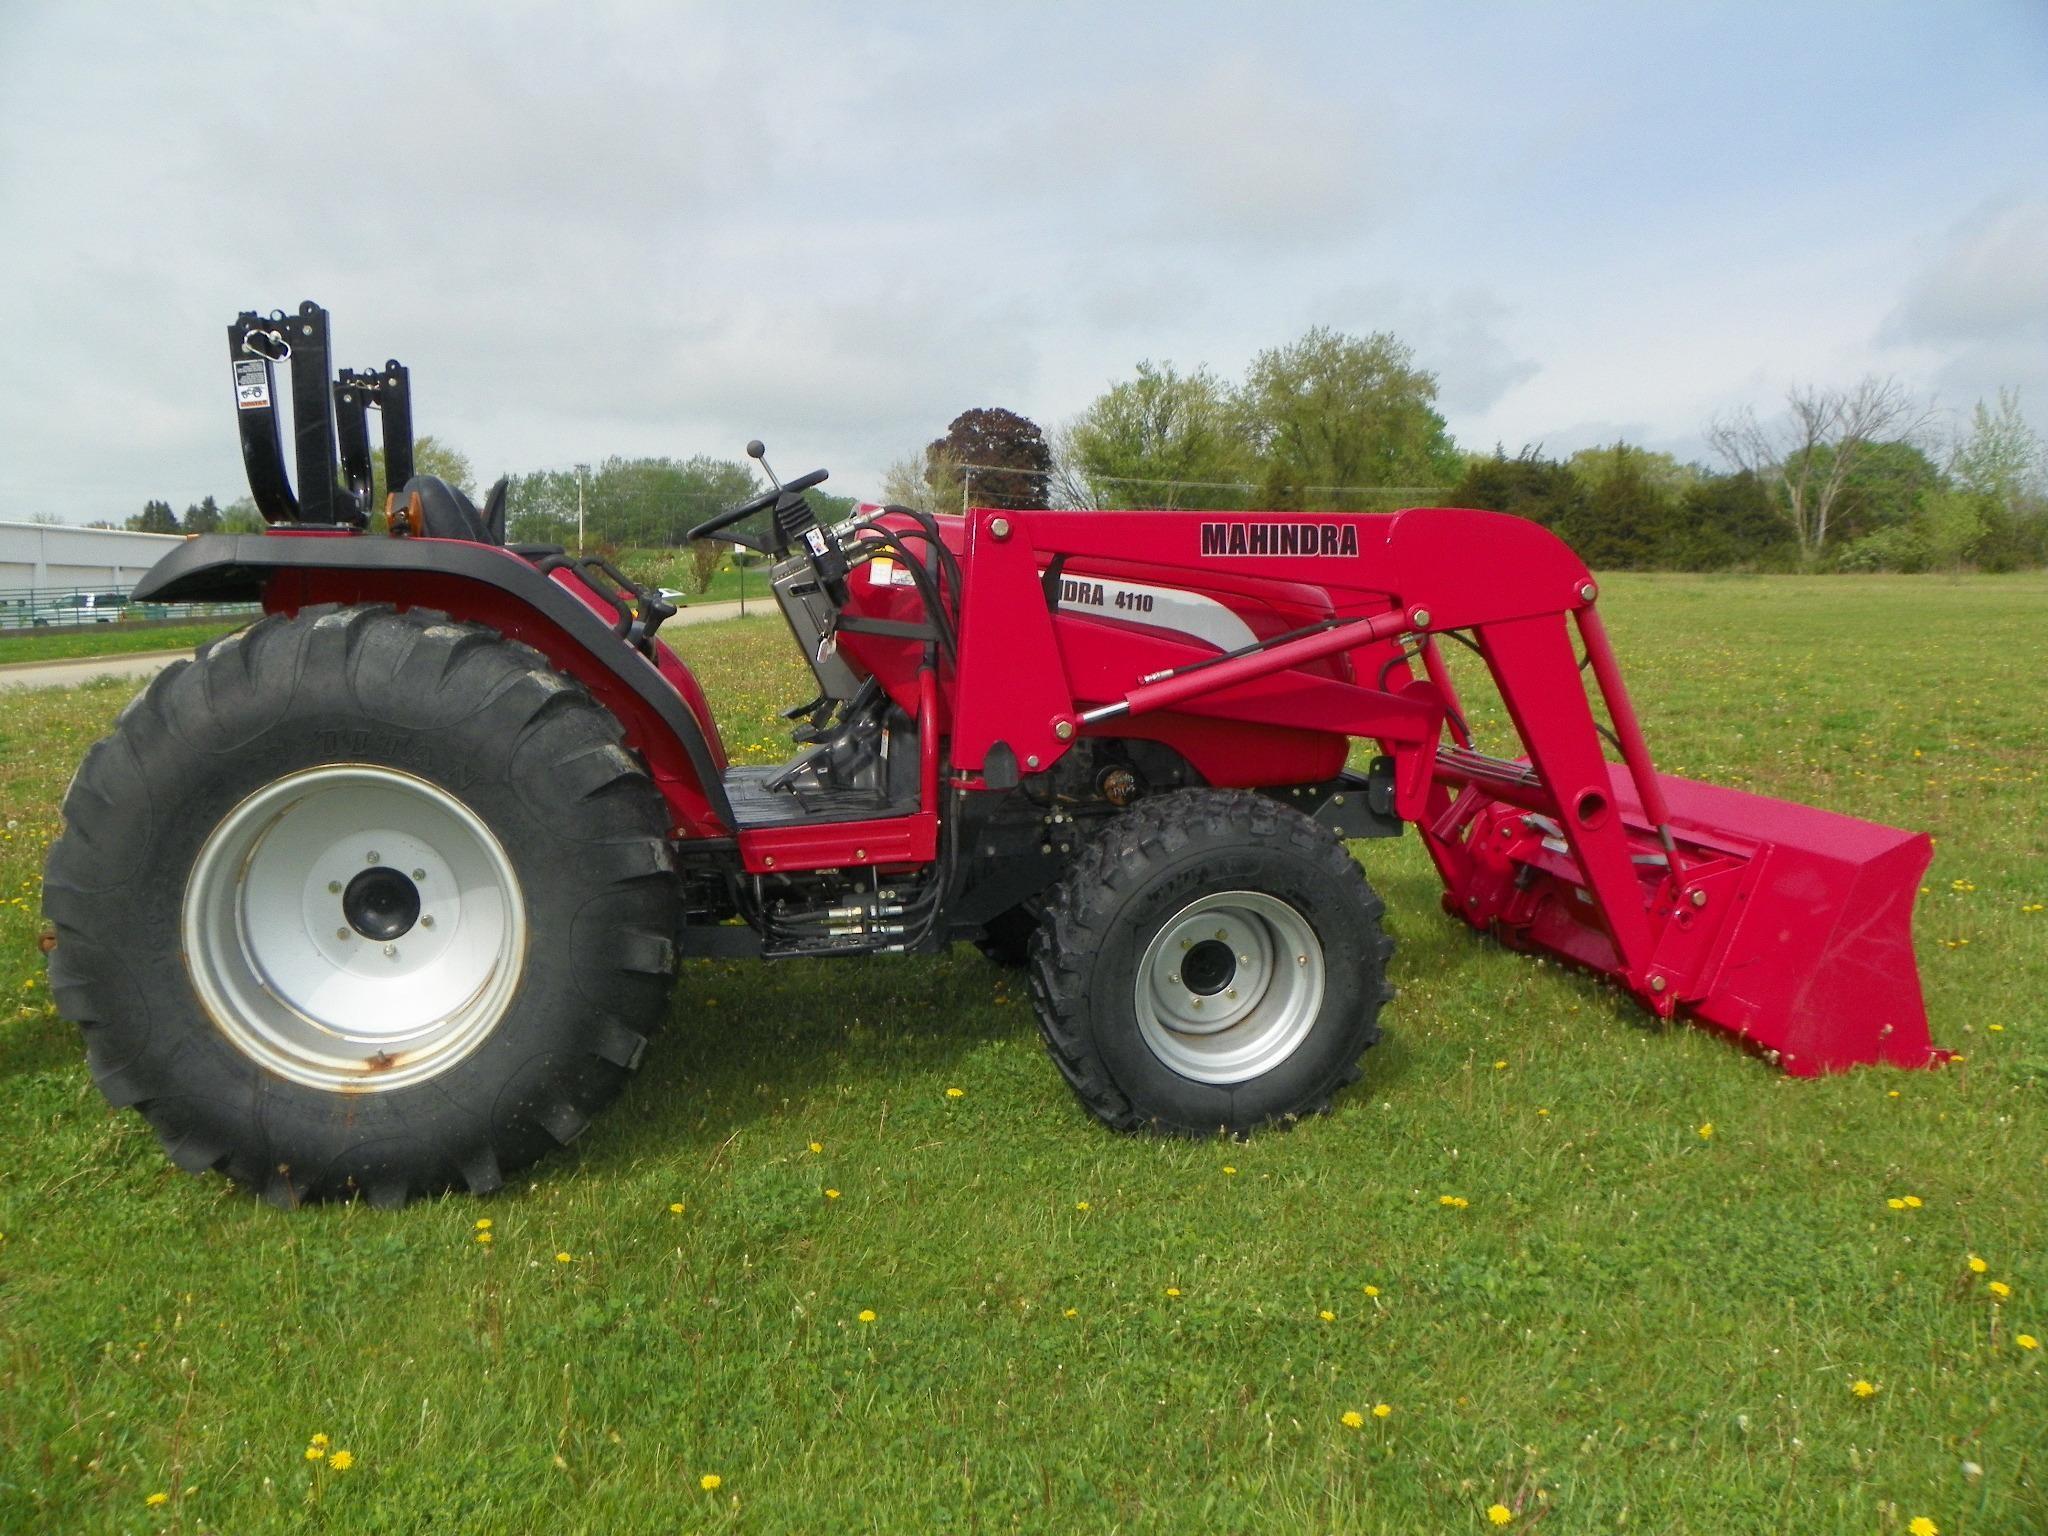 2009 MAHINDRA 4110 40-99 HP Tractor